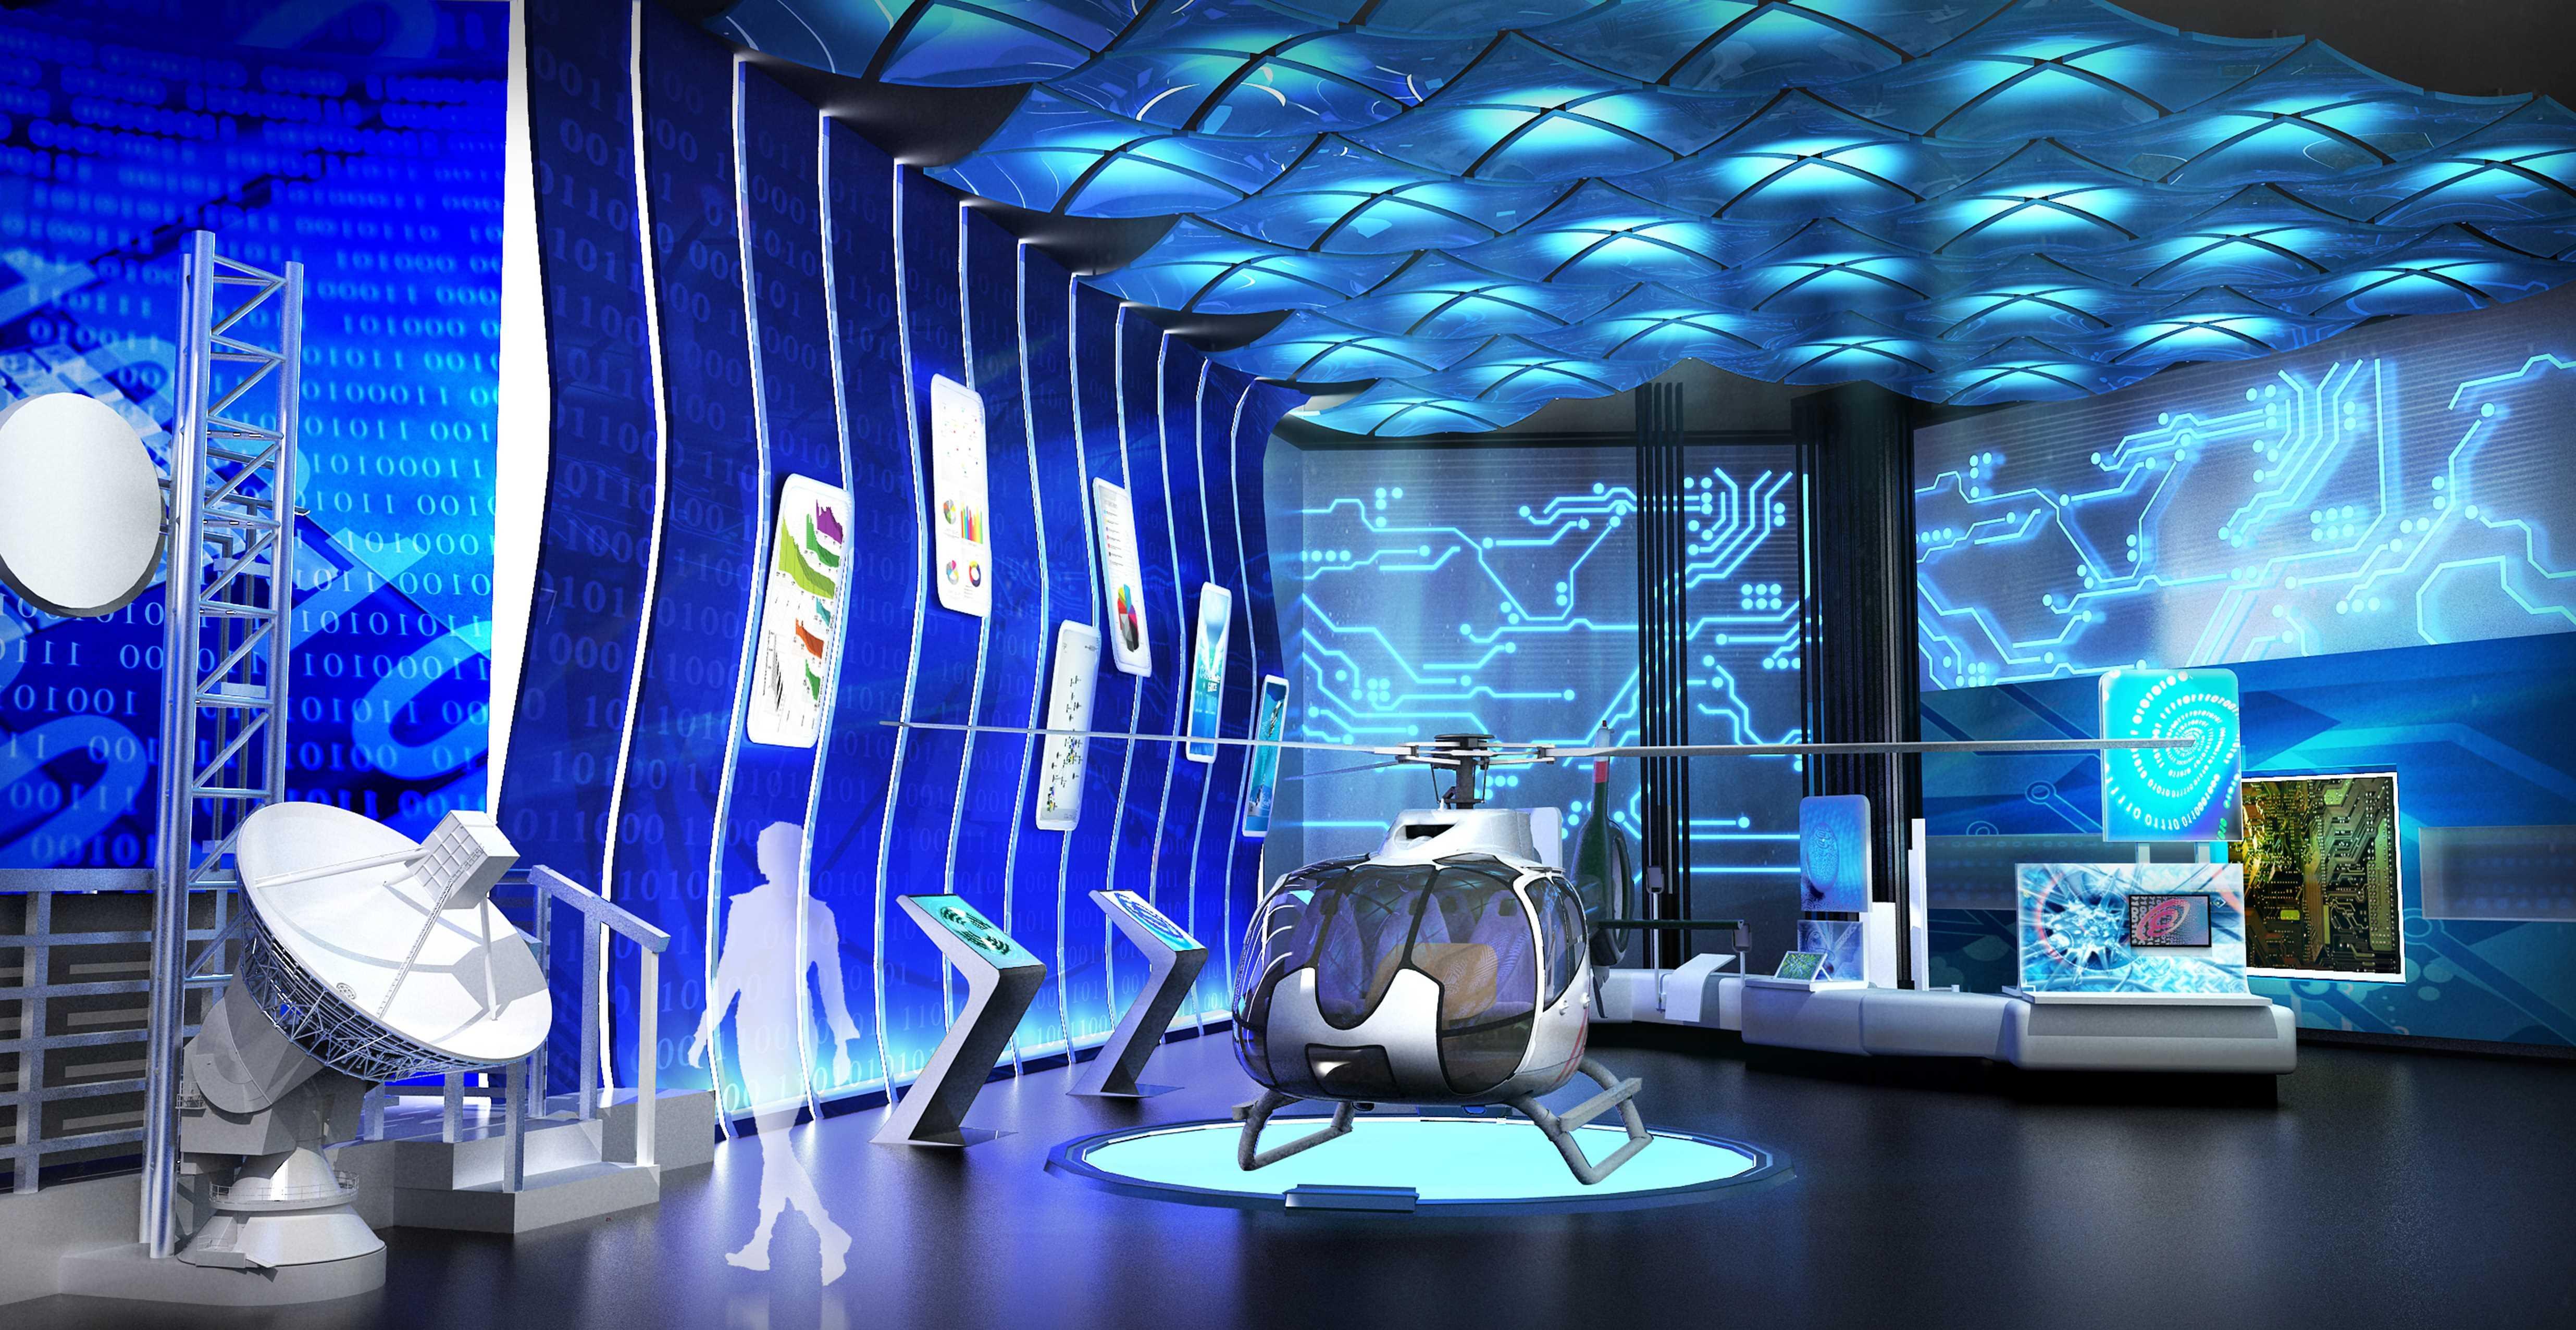 科技生活展館設計4